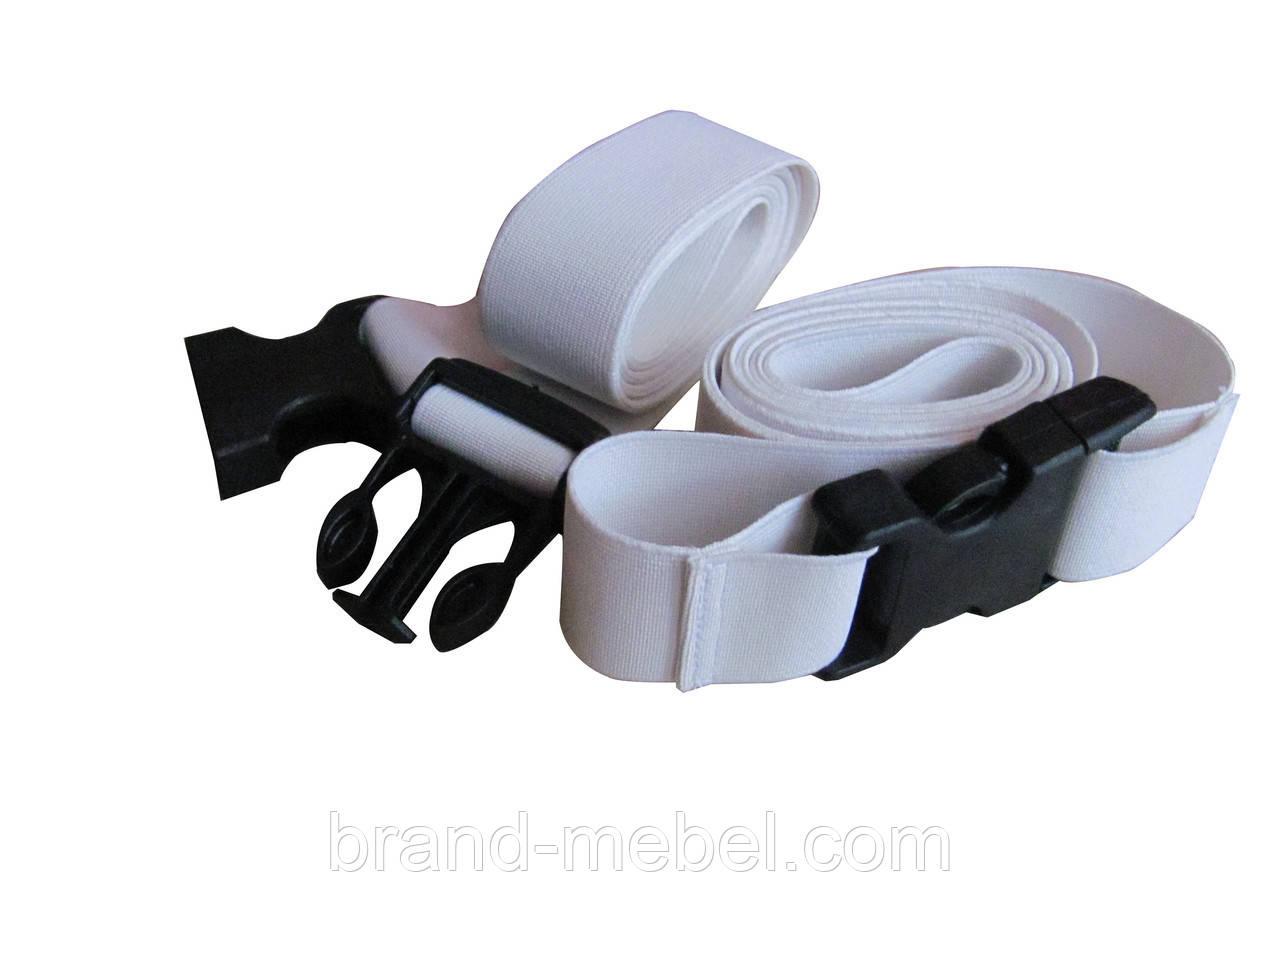 Ремні для кріплення односпального матрацу 140/160/180см/Ремни для крепления двосльного матраца 140/160/180см